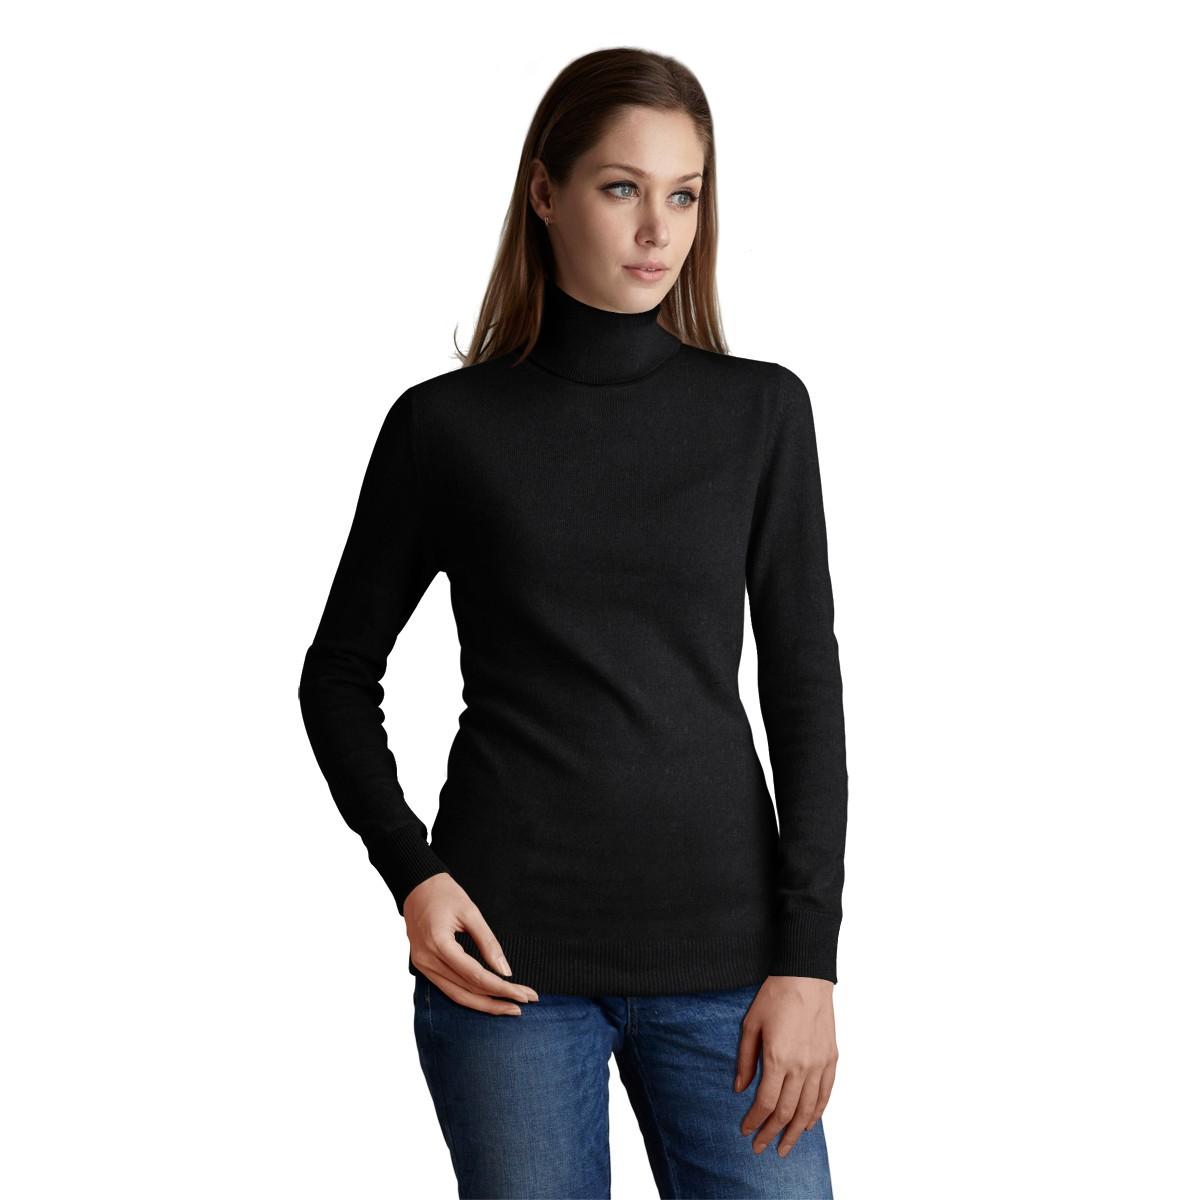 Sep 02, · Magnifique pull tres mode, style débardeur, ce pull col roulé sans manche est disponible chez votre grossiste vêtements femmes silamoda. skytmeg.cf